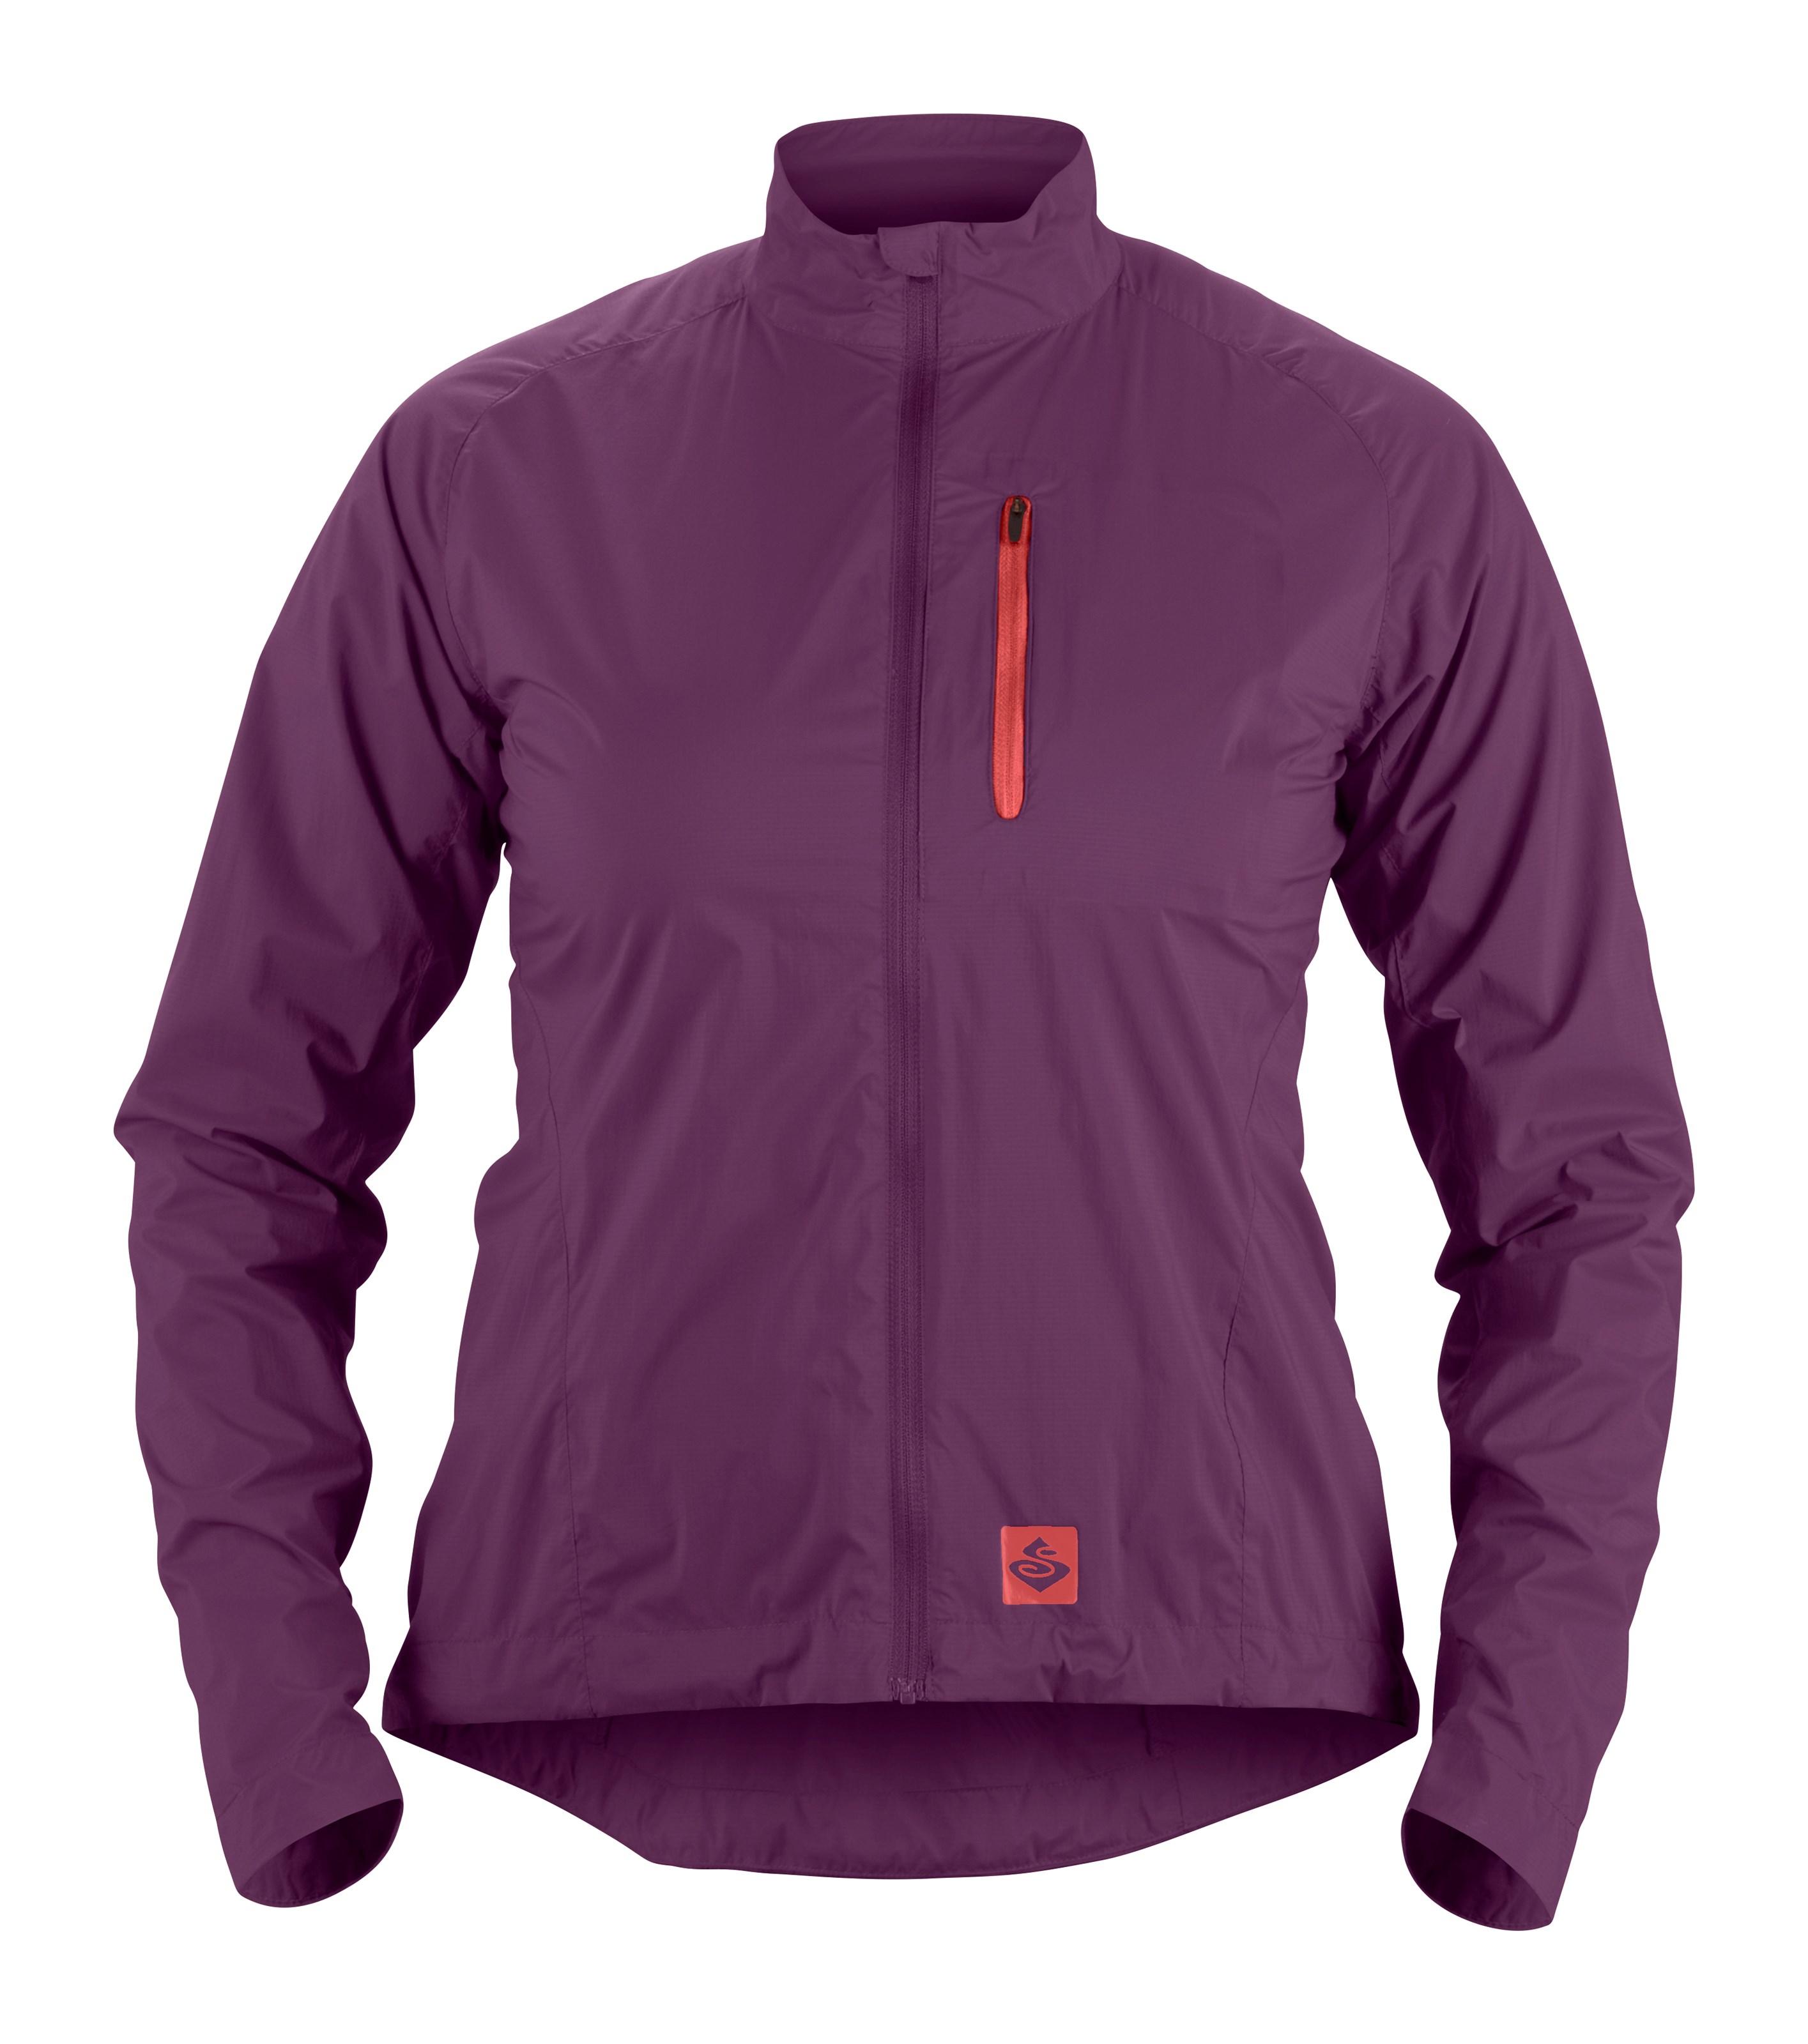 828073-hunter_air_jacket-vibrant_violet-front.jpg